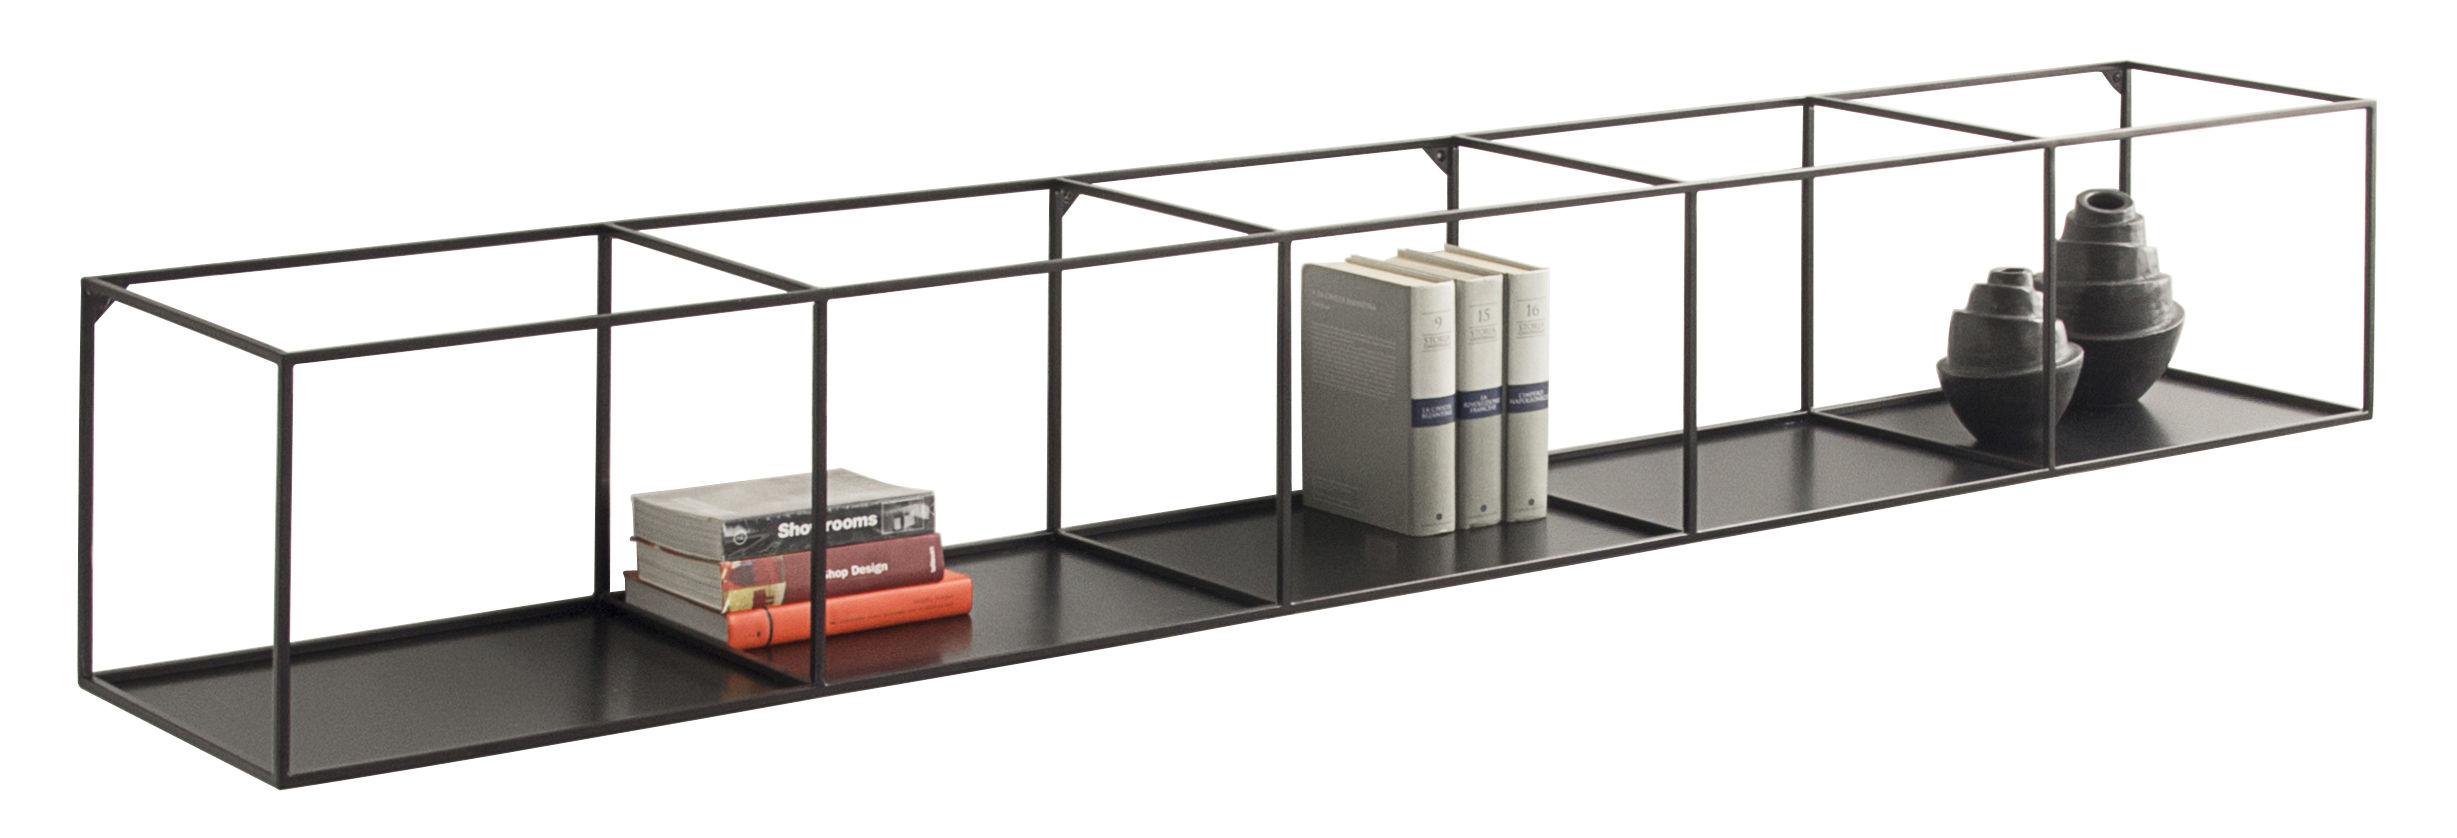 Arredamento - Scaffali e librerie - Scaffale Slim Irony - / L 206 cm di Zeus - Nero ramato - Acciaio